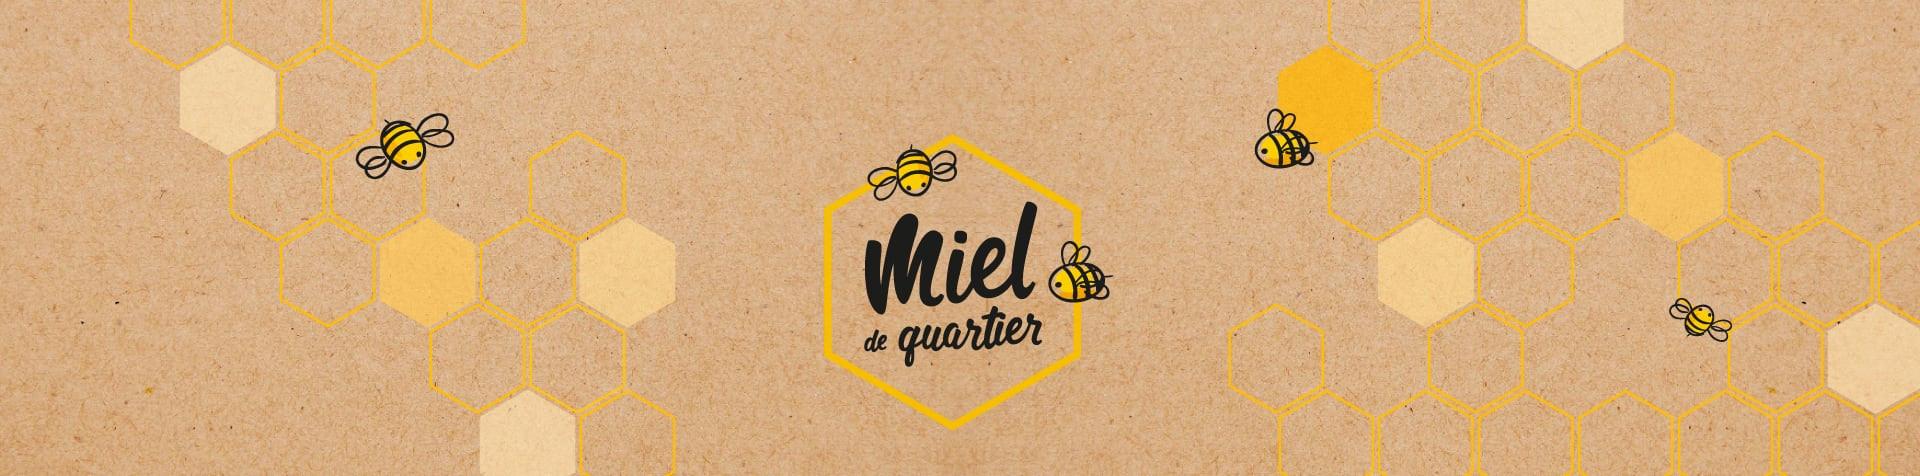 Miel de quartier | Place Longueuil